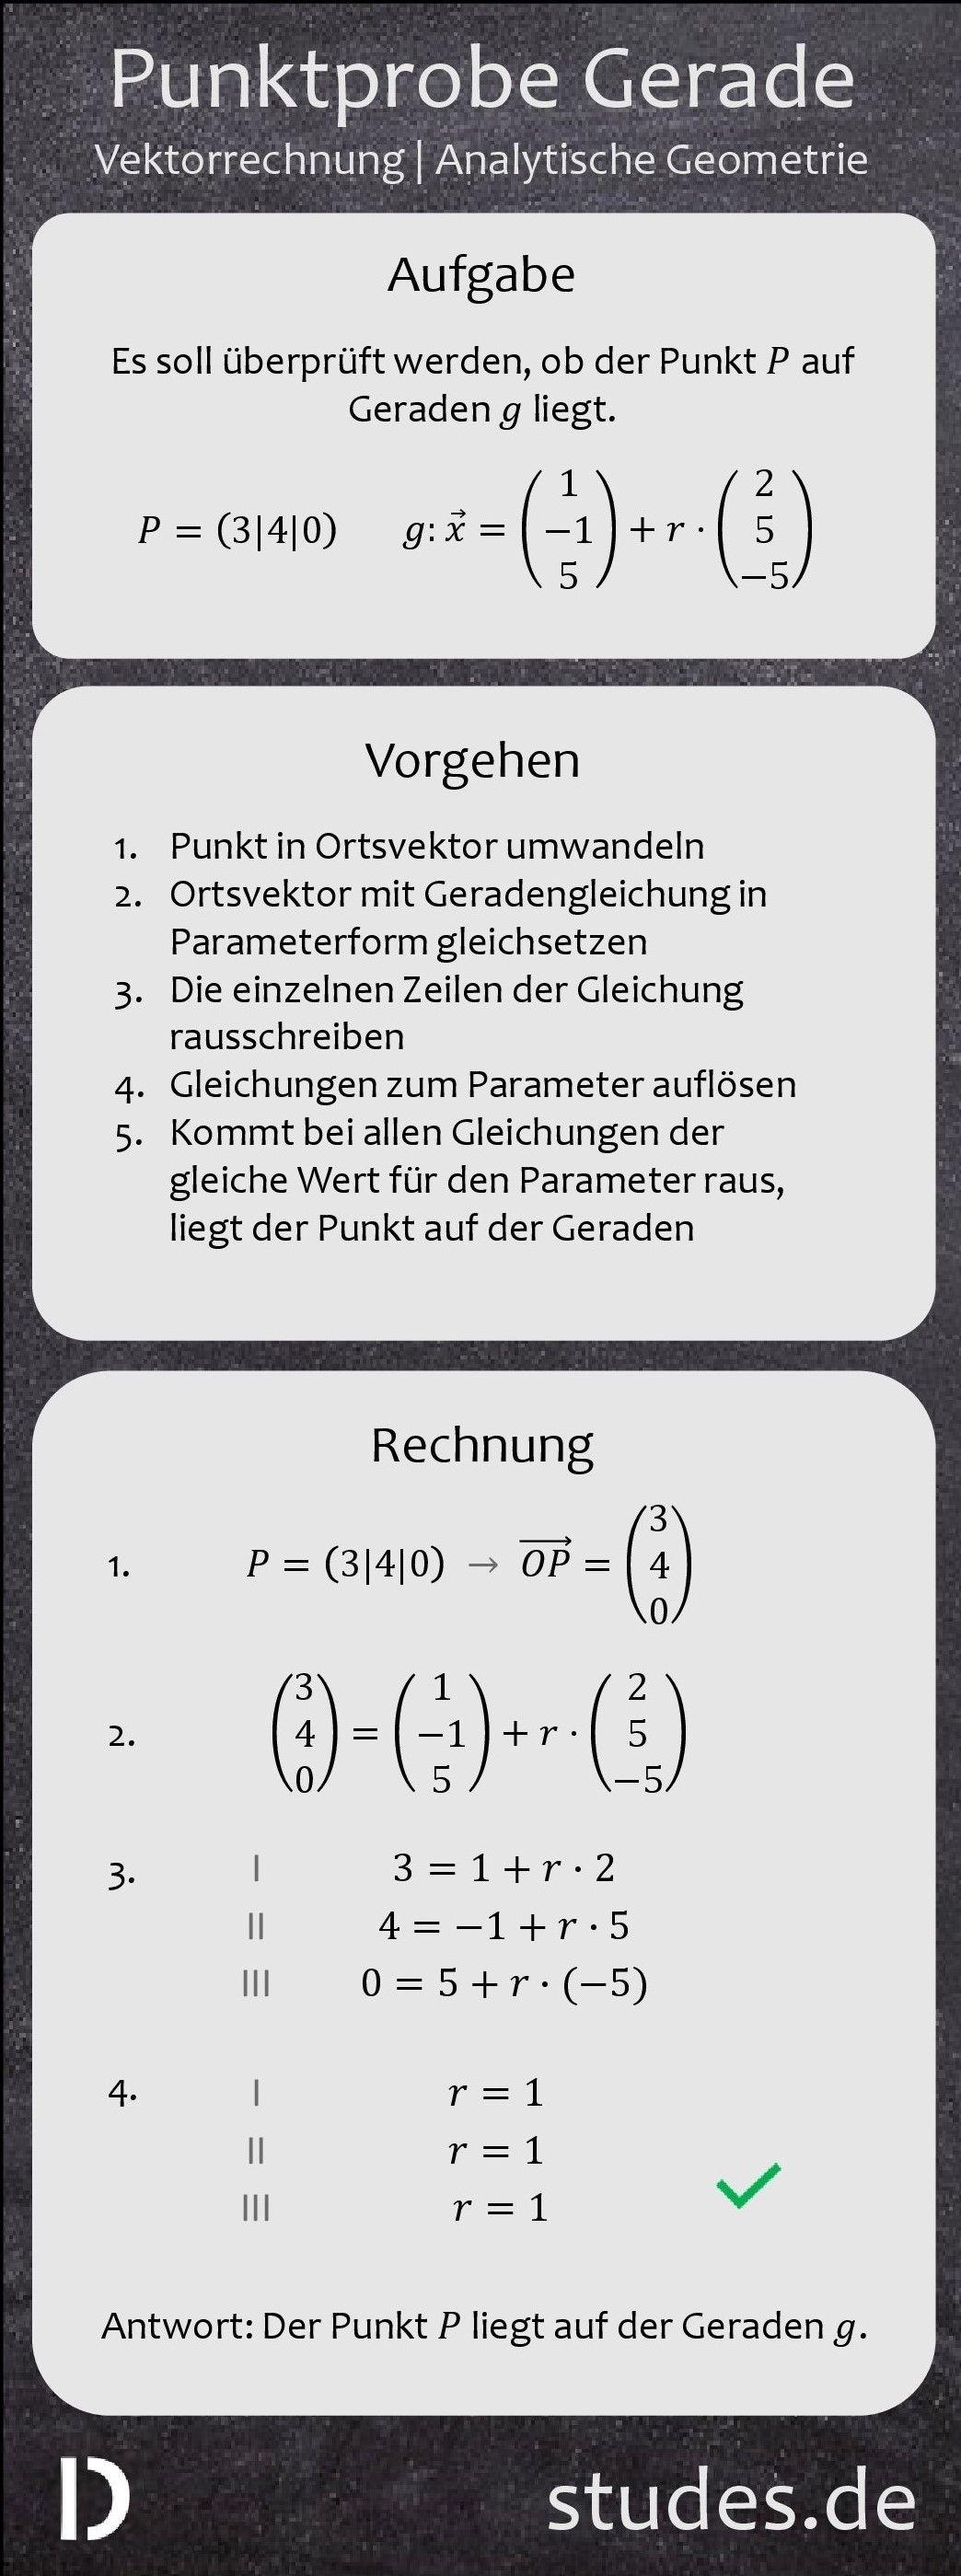 #Punktprobe #Gerade: Um zu überprüfen, ob ein #Punkt auf ...